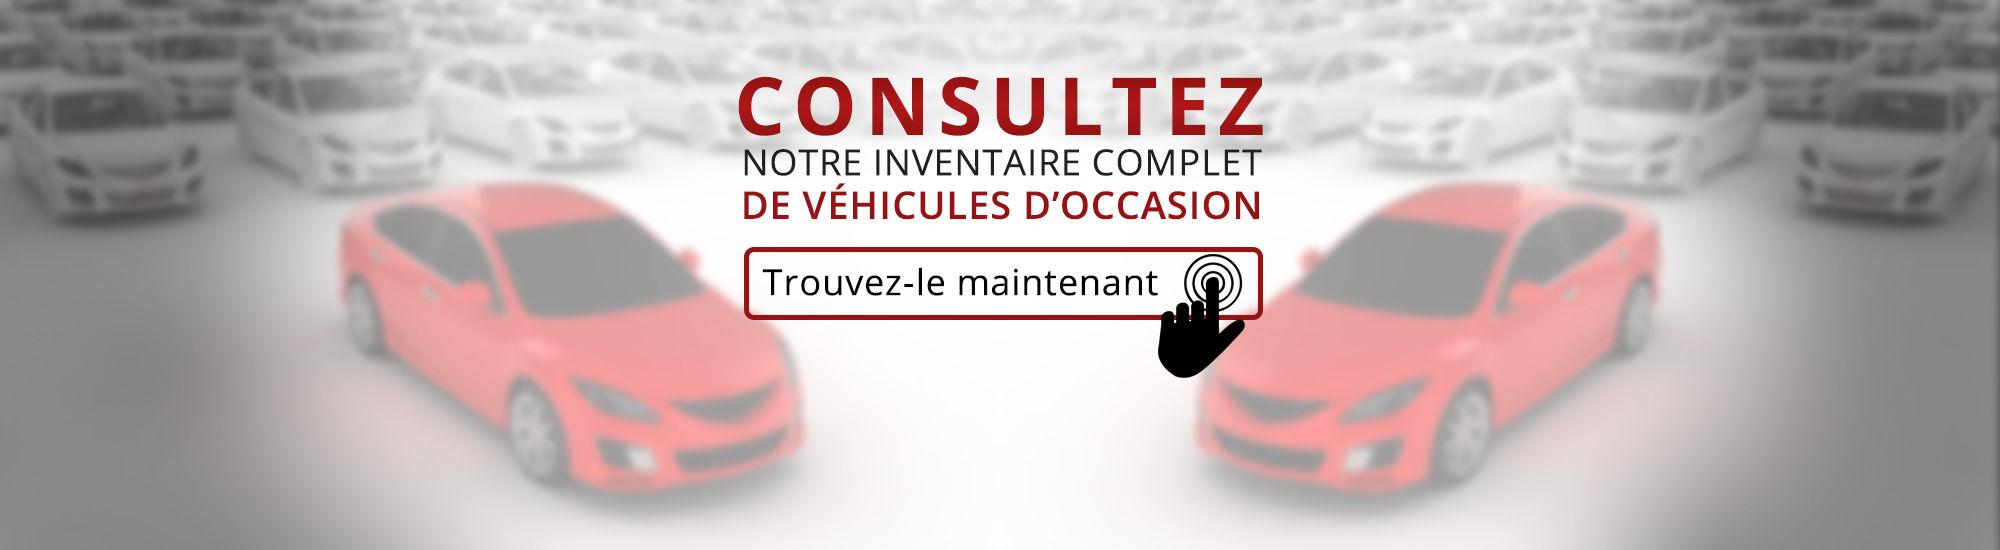 Consultez notre inventaire complet de véhicules